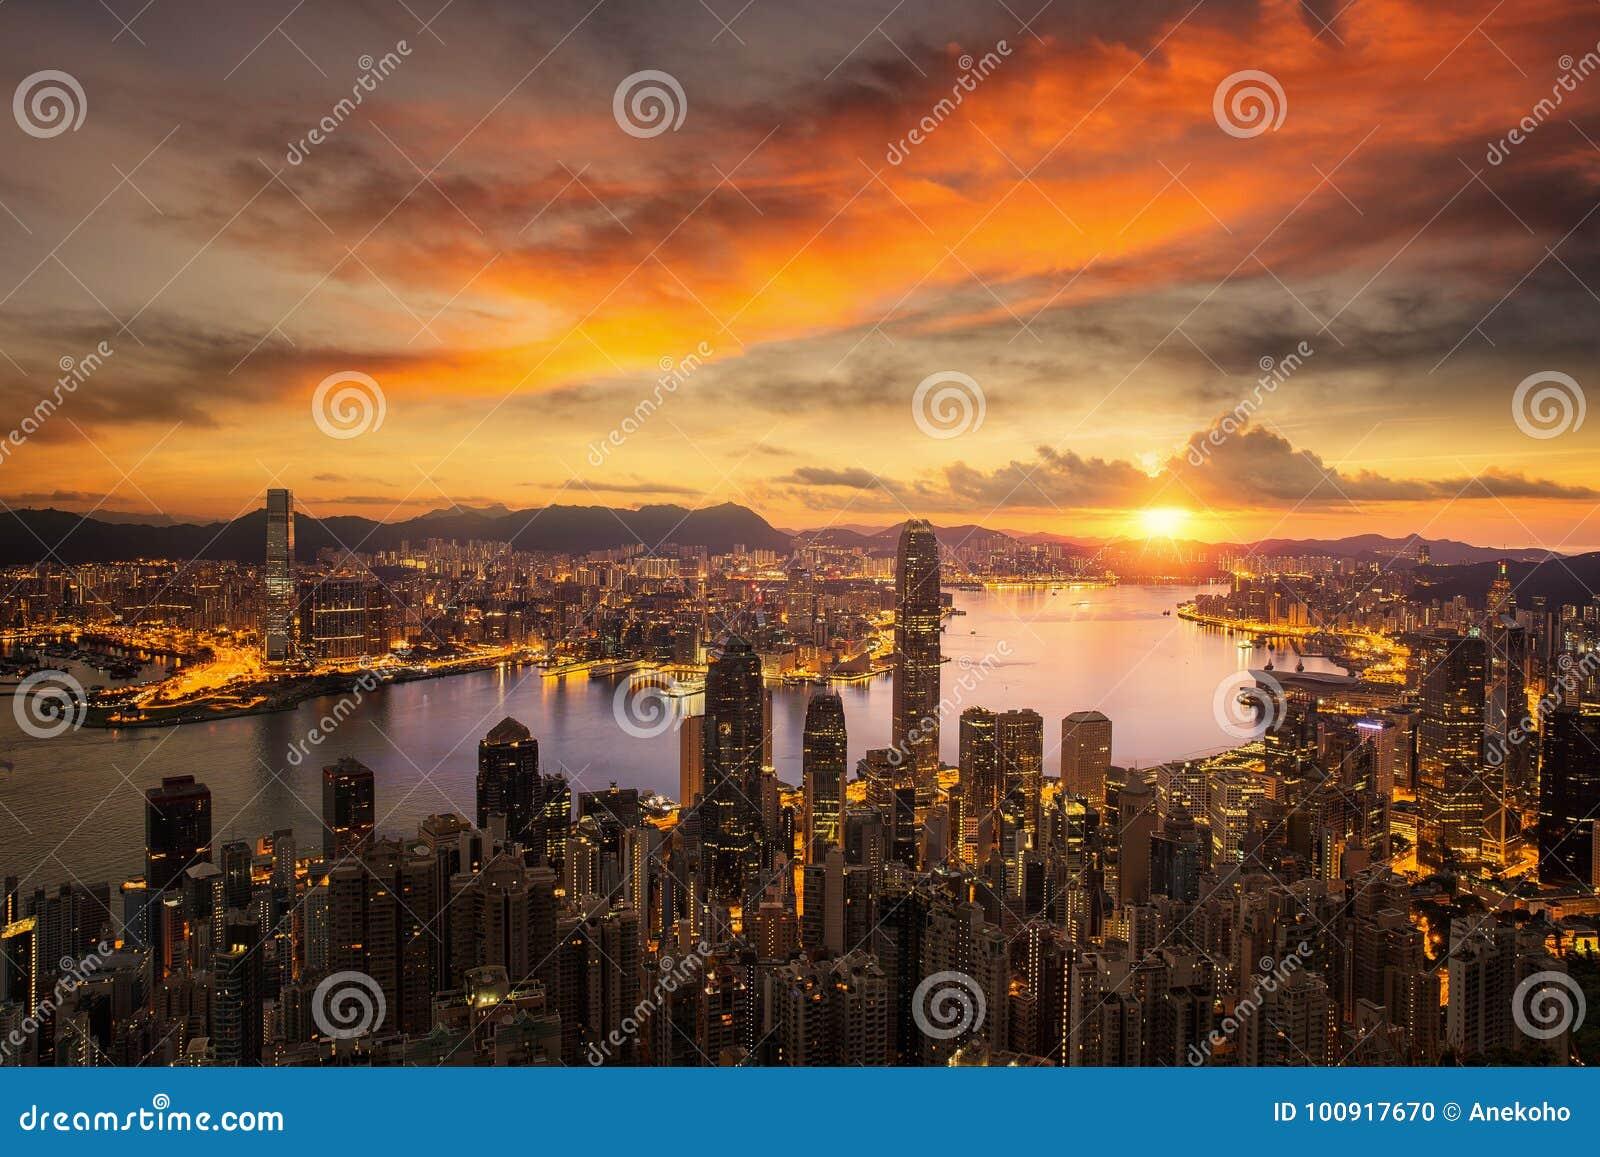 Dag aan nacht voor de stadszonsopgang van Hongkong